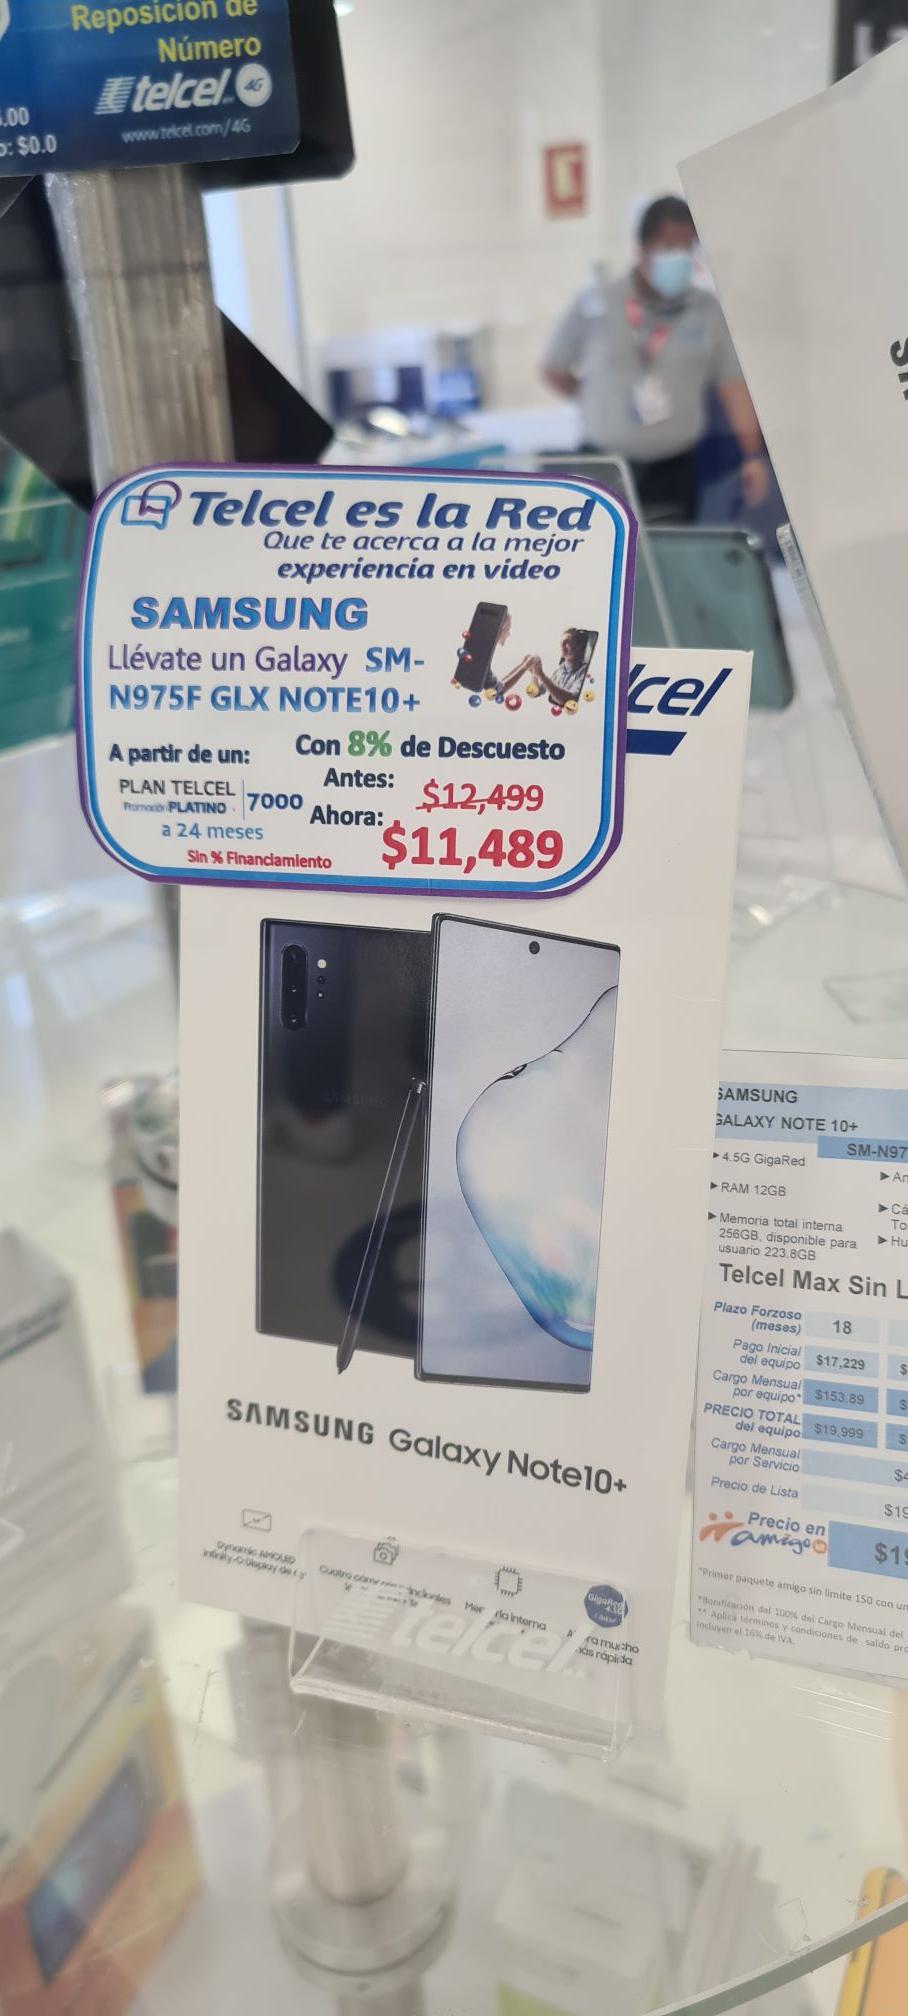 CAC de Telcel Boca del Río en Avila Camacho: Samsung Galaxy Note 10+ en plan de $599 a 24 meses